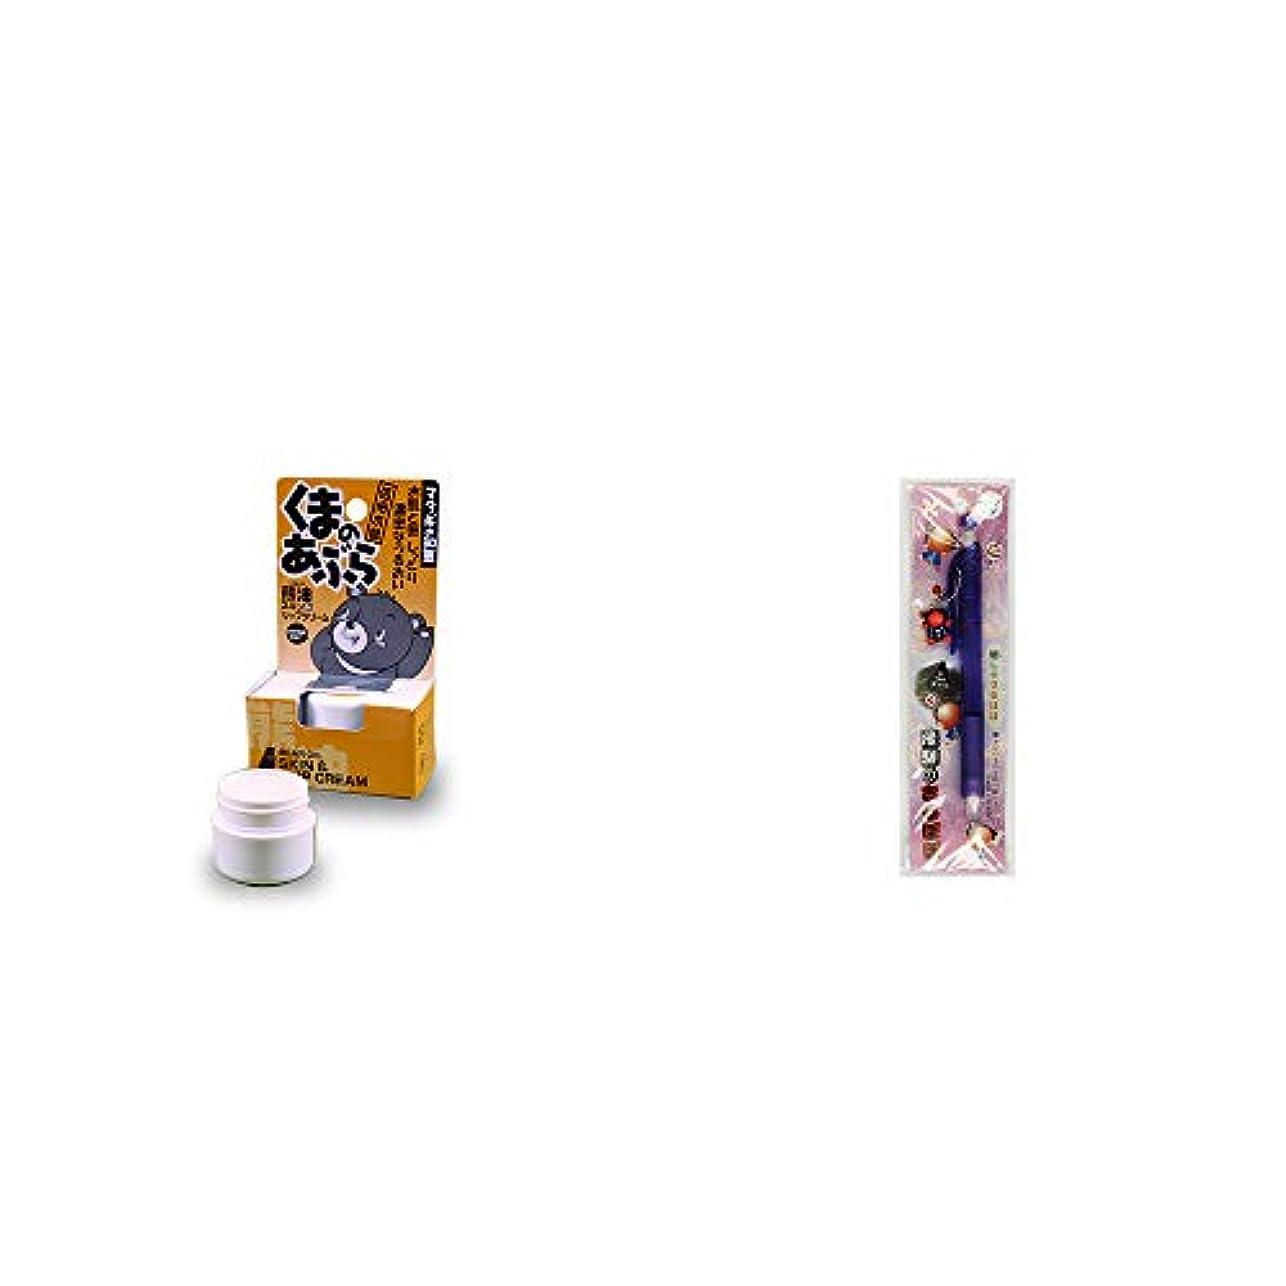 仮装インタラクション金曜日[2点セット] 信州木曽 くまのあぶら 熊油スキン&リップクリーム(9g)?さるぼぼ 癒しシャープペン 【パープル】